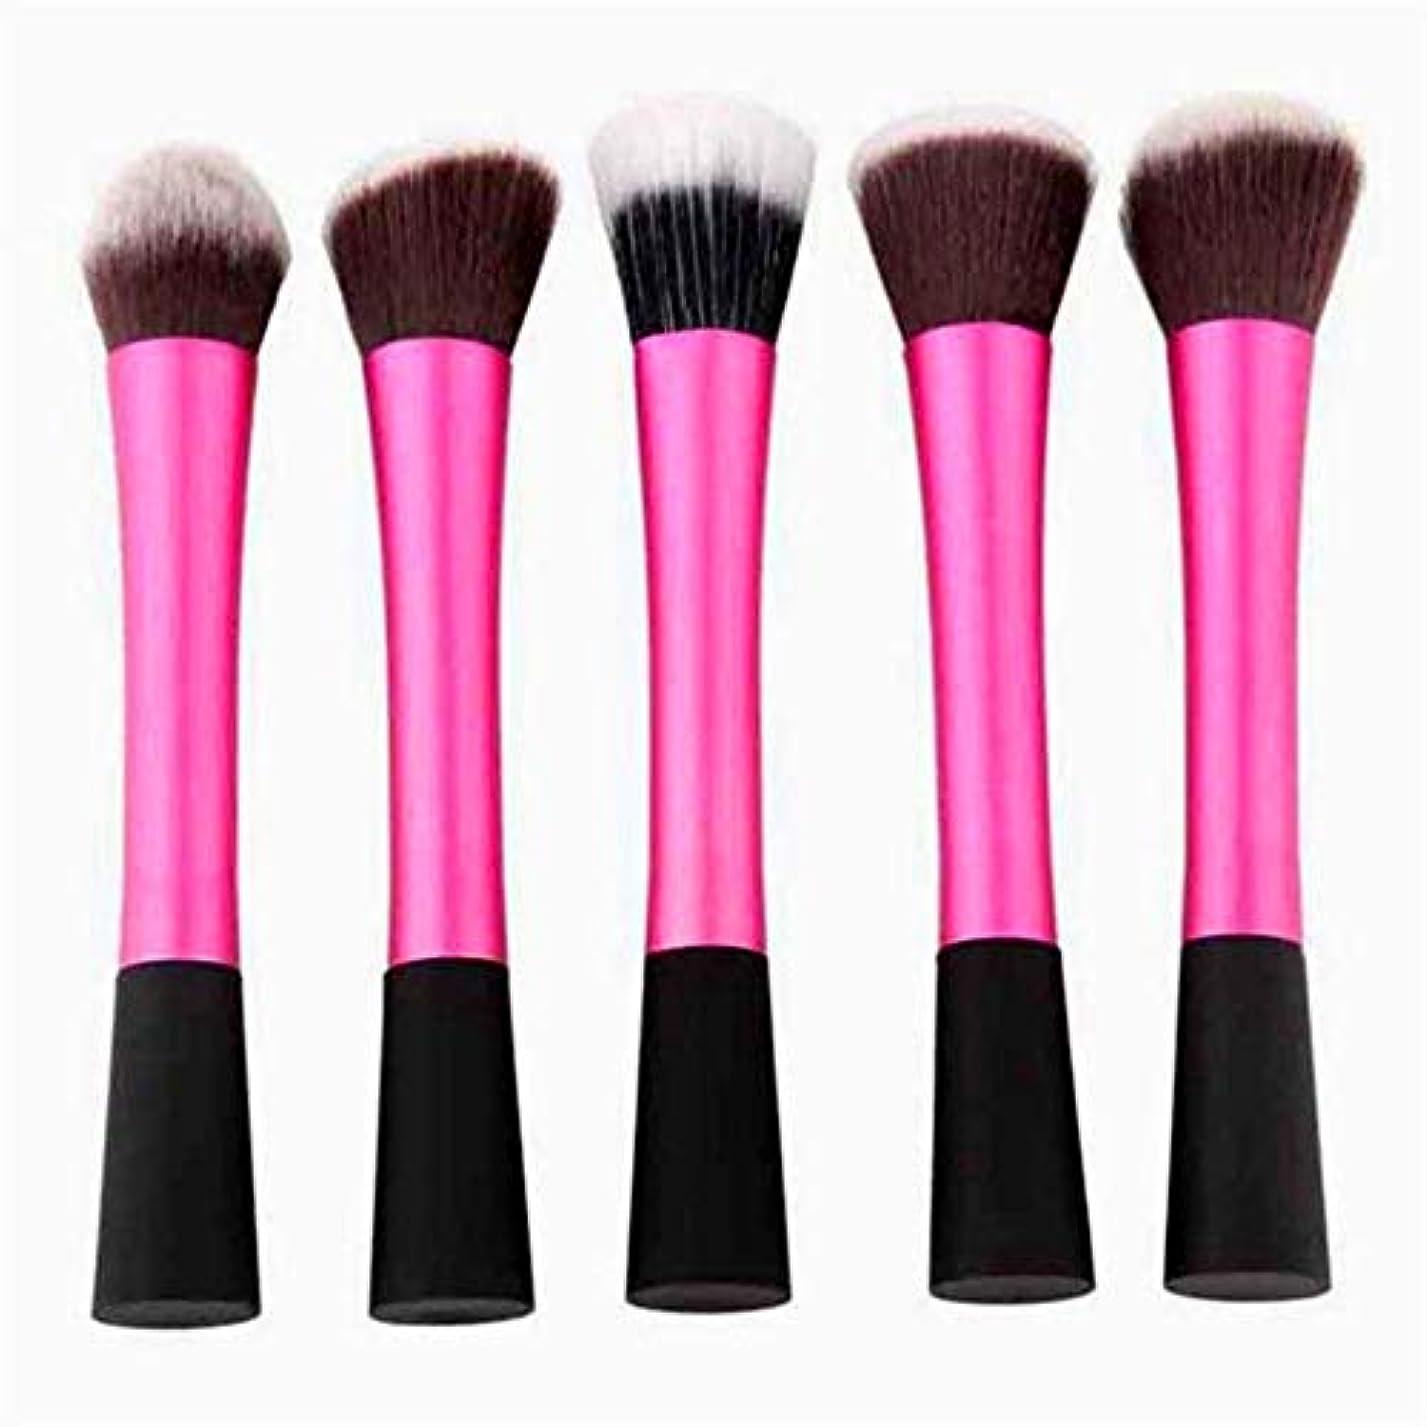 代表してモチーフ約設定Makeup brushes 5ピースピンクメイクアップブラシセット熟したアイドルパウダーブラシアイシャドウブラシ輪郭ブラシ suits (Color : Pink)